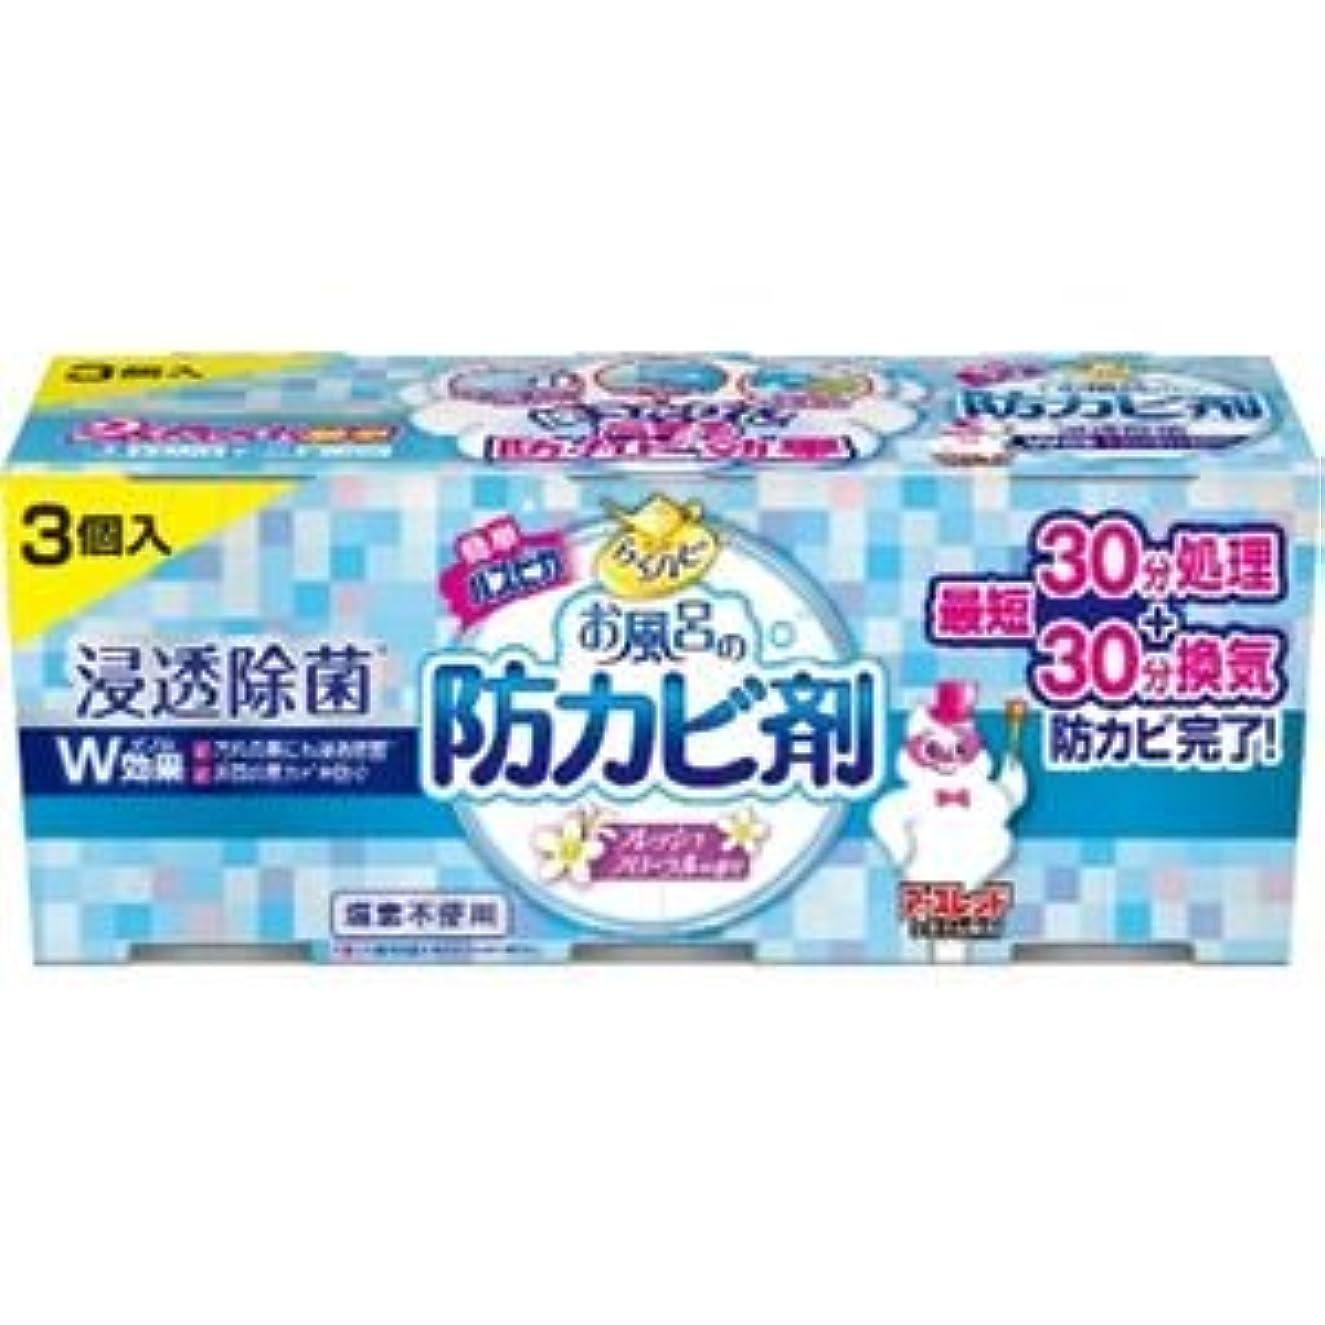 フルーツコークス速報アース製薬 らくハピお風呂の防カビ剤フローラル3個パック ×1点